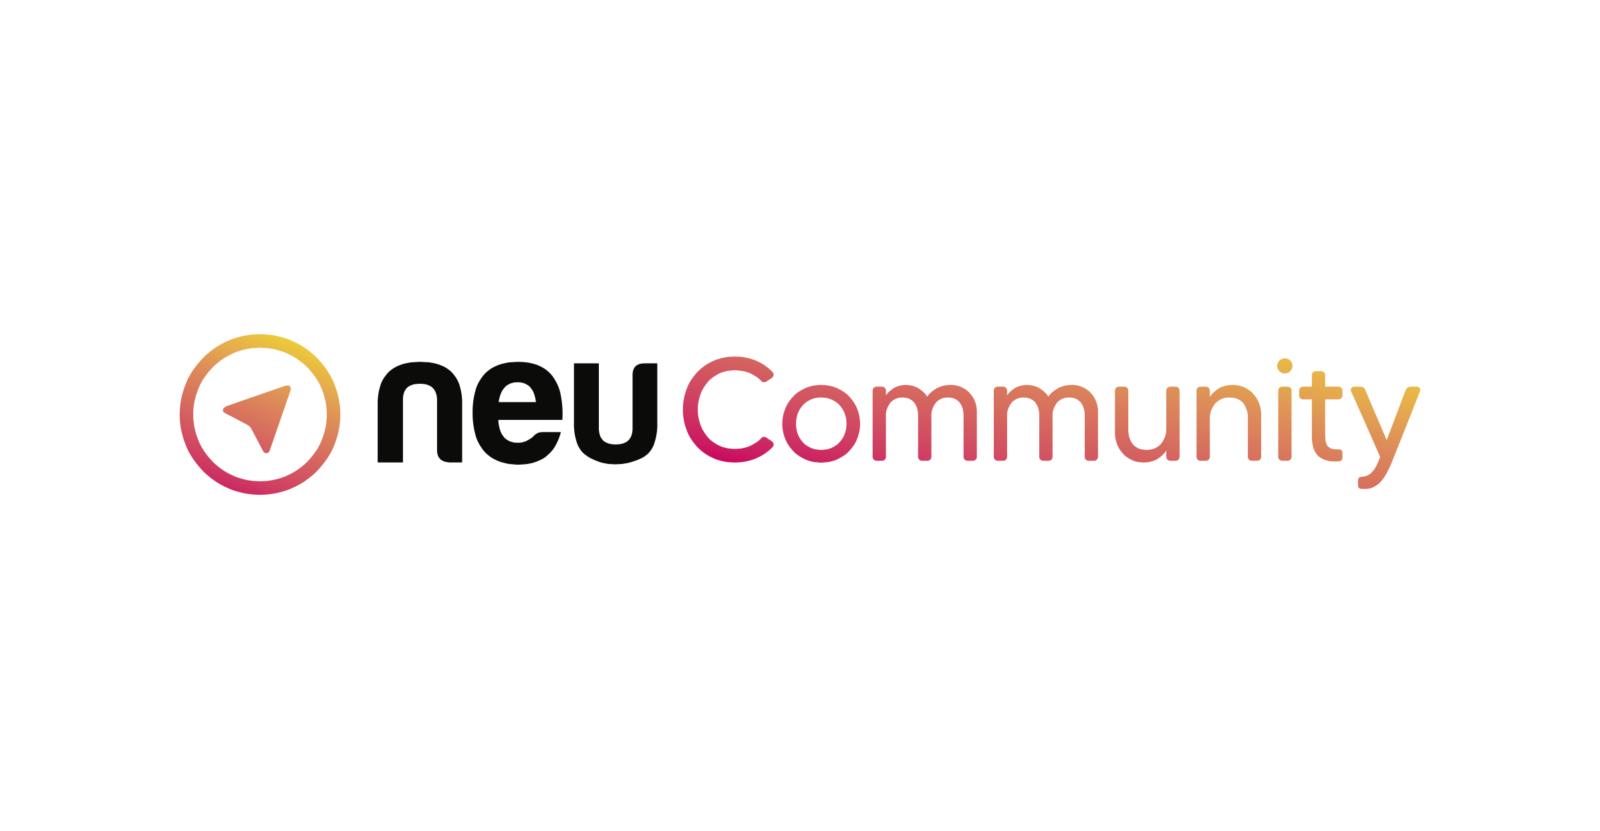 Neu Community